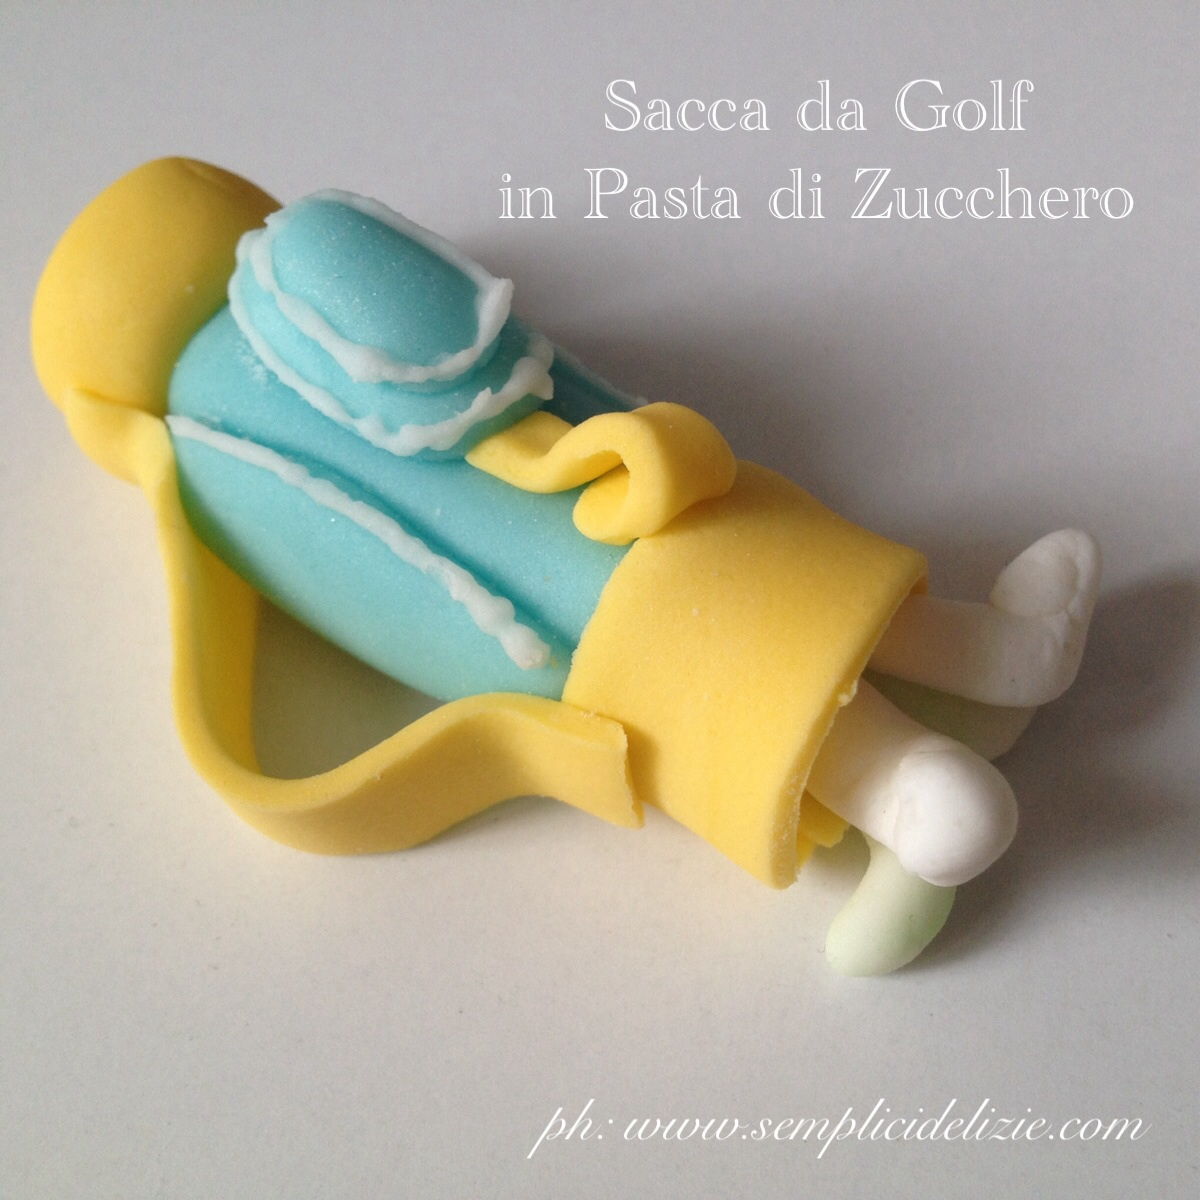 sacca da golf